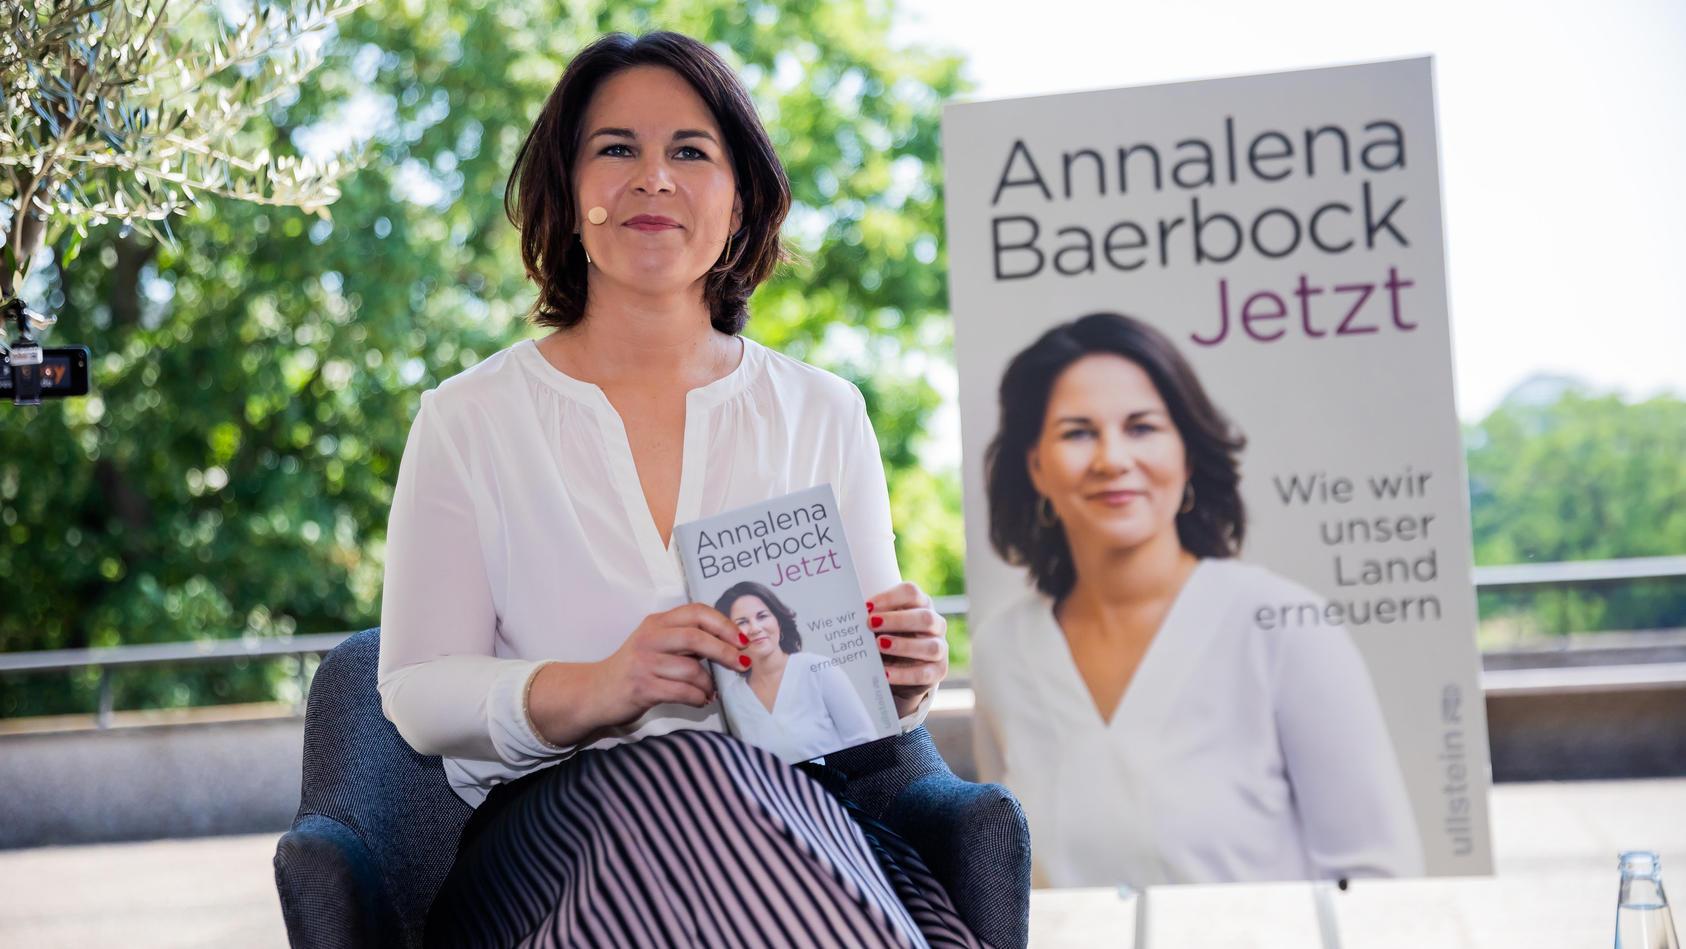 Annalena Baerbock stellt ihr neues Buch vor